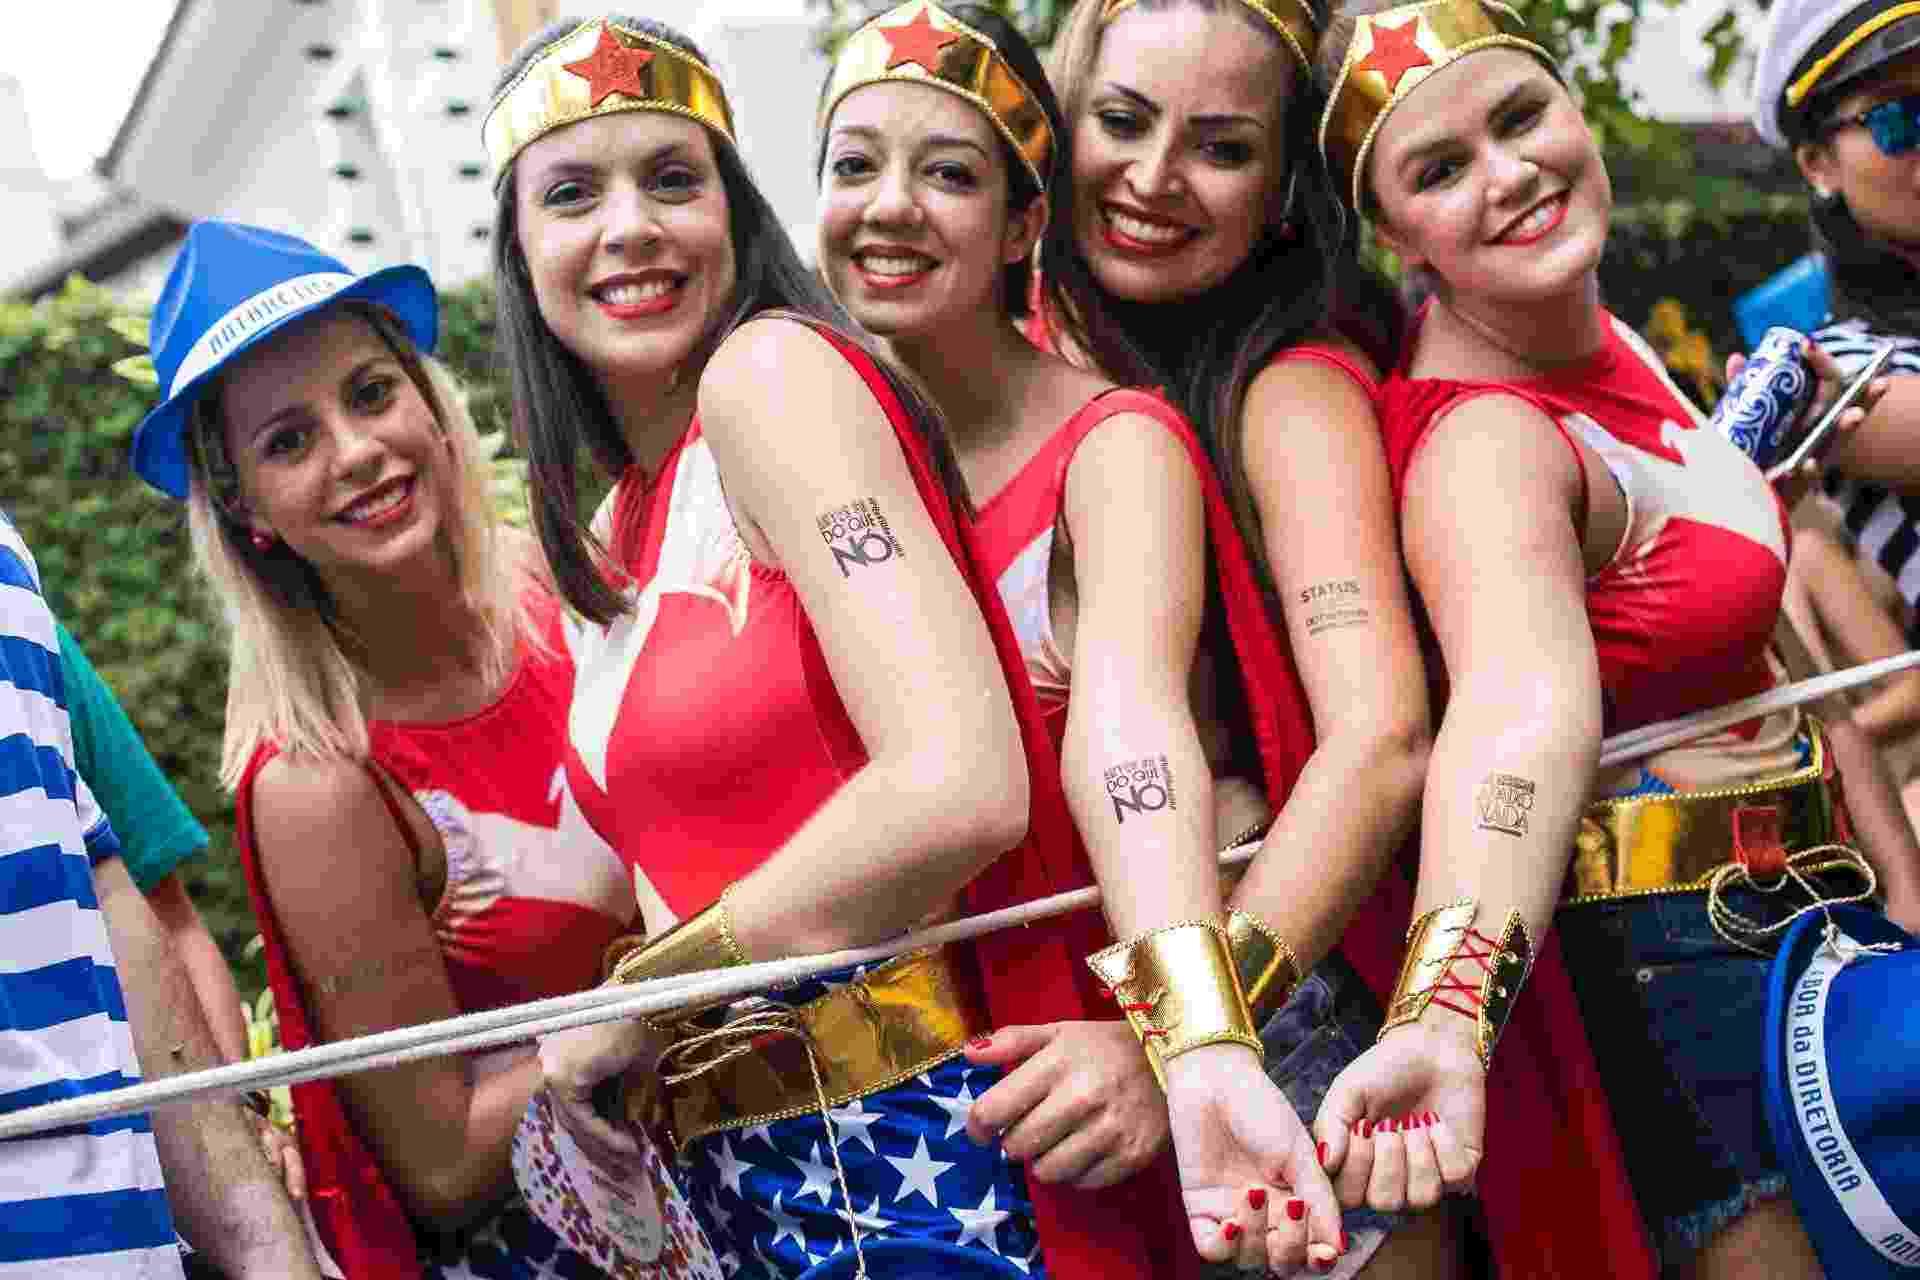 Amigas fantasiadas de Mulher Maravilha mandam recado através de tatuagens - Bruna Prado/UOL